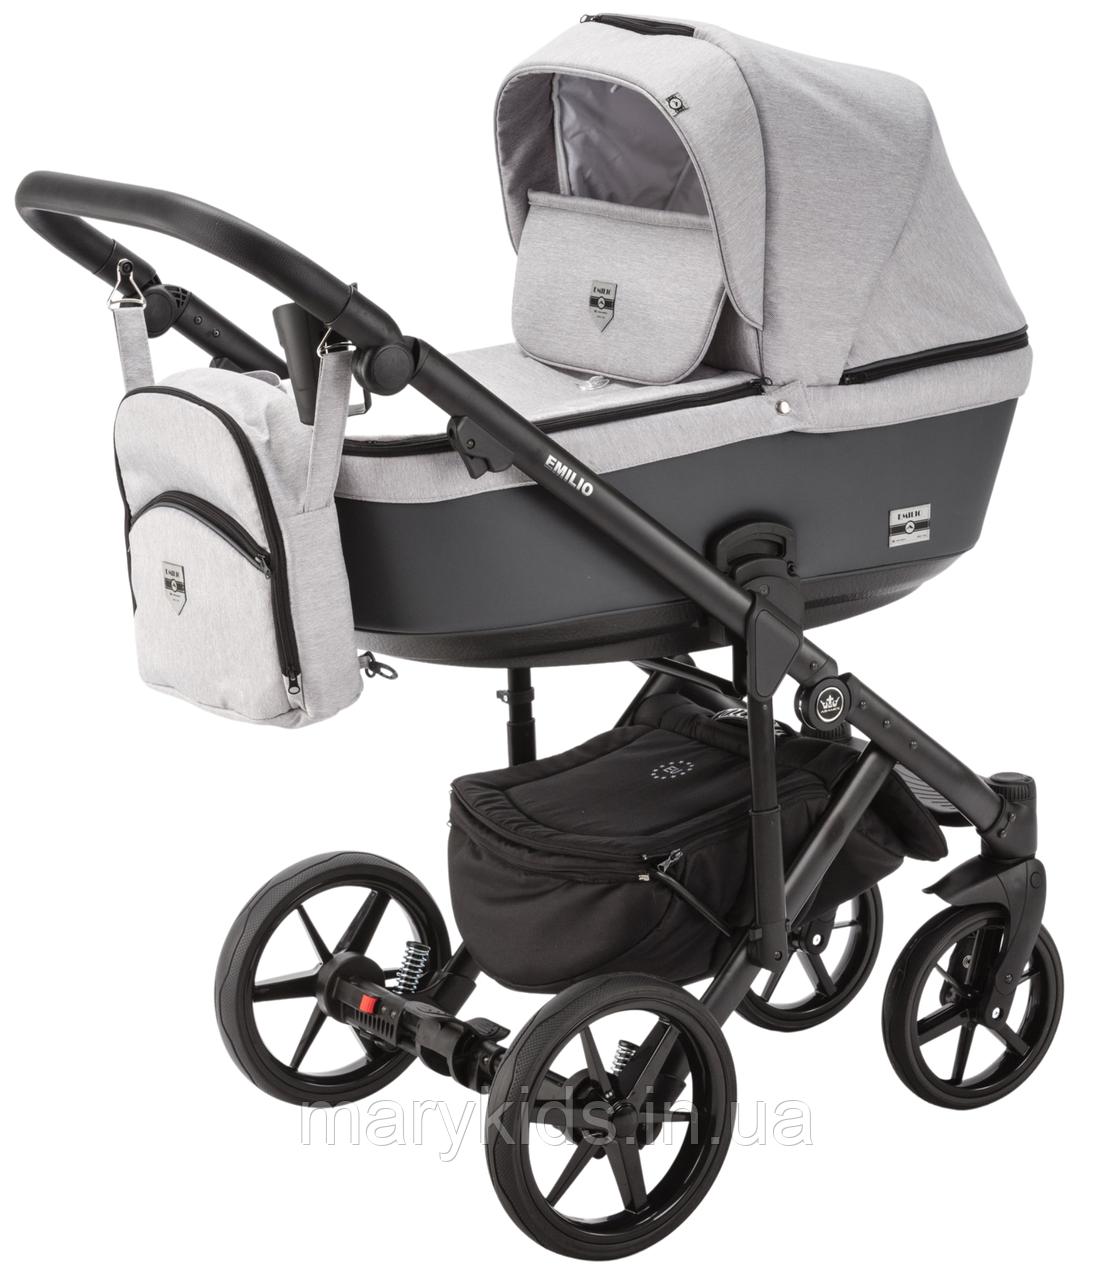 Детская универсальная коляска 2 в 1 Adamex Emilio EM-266